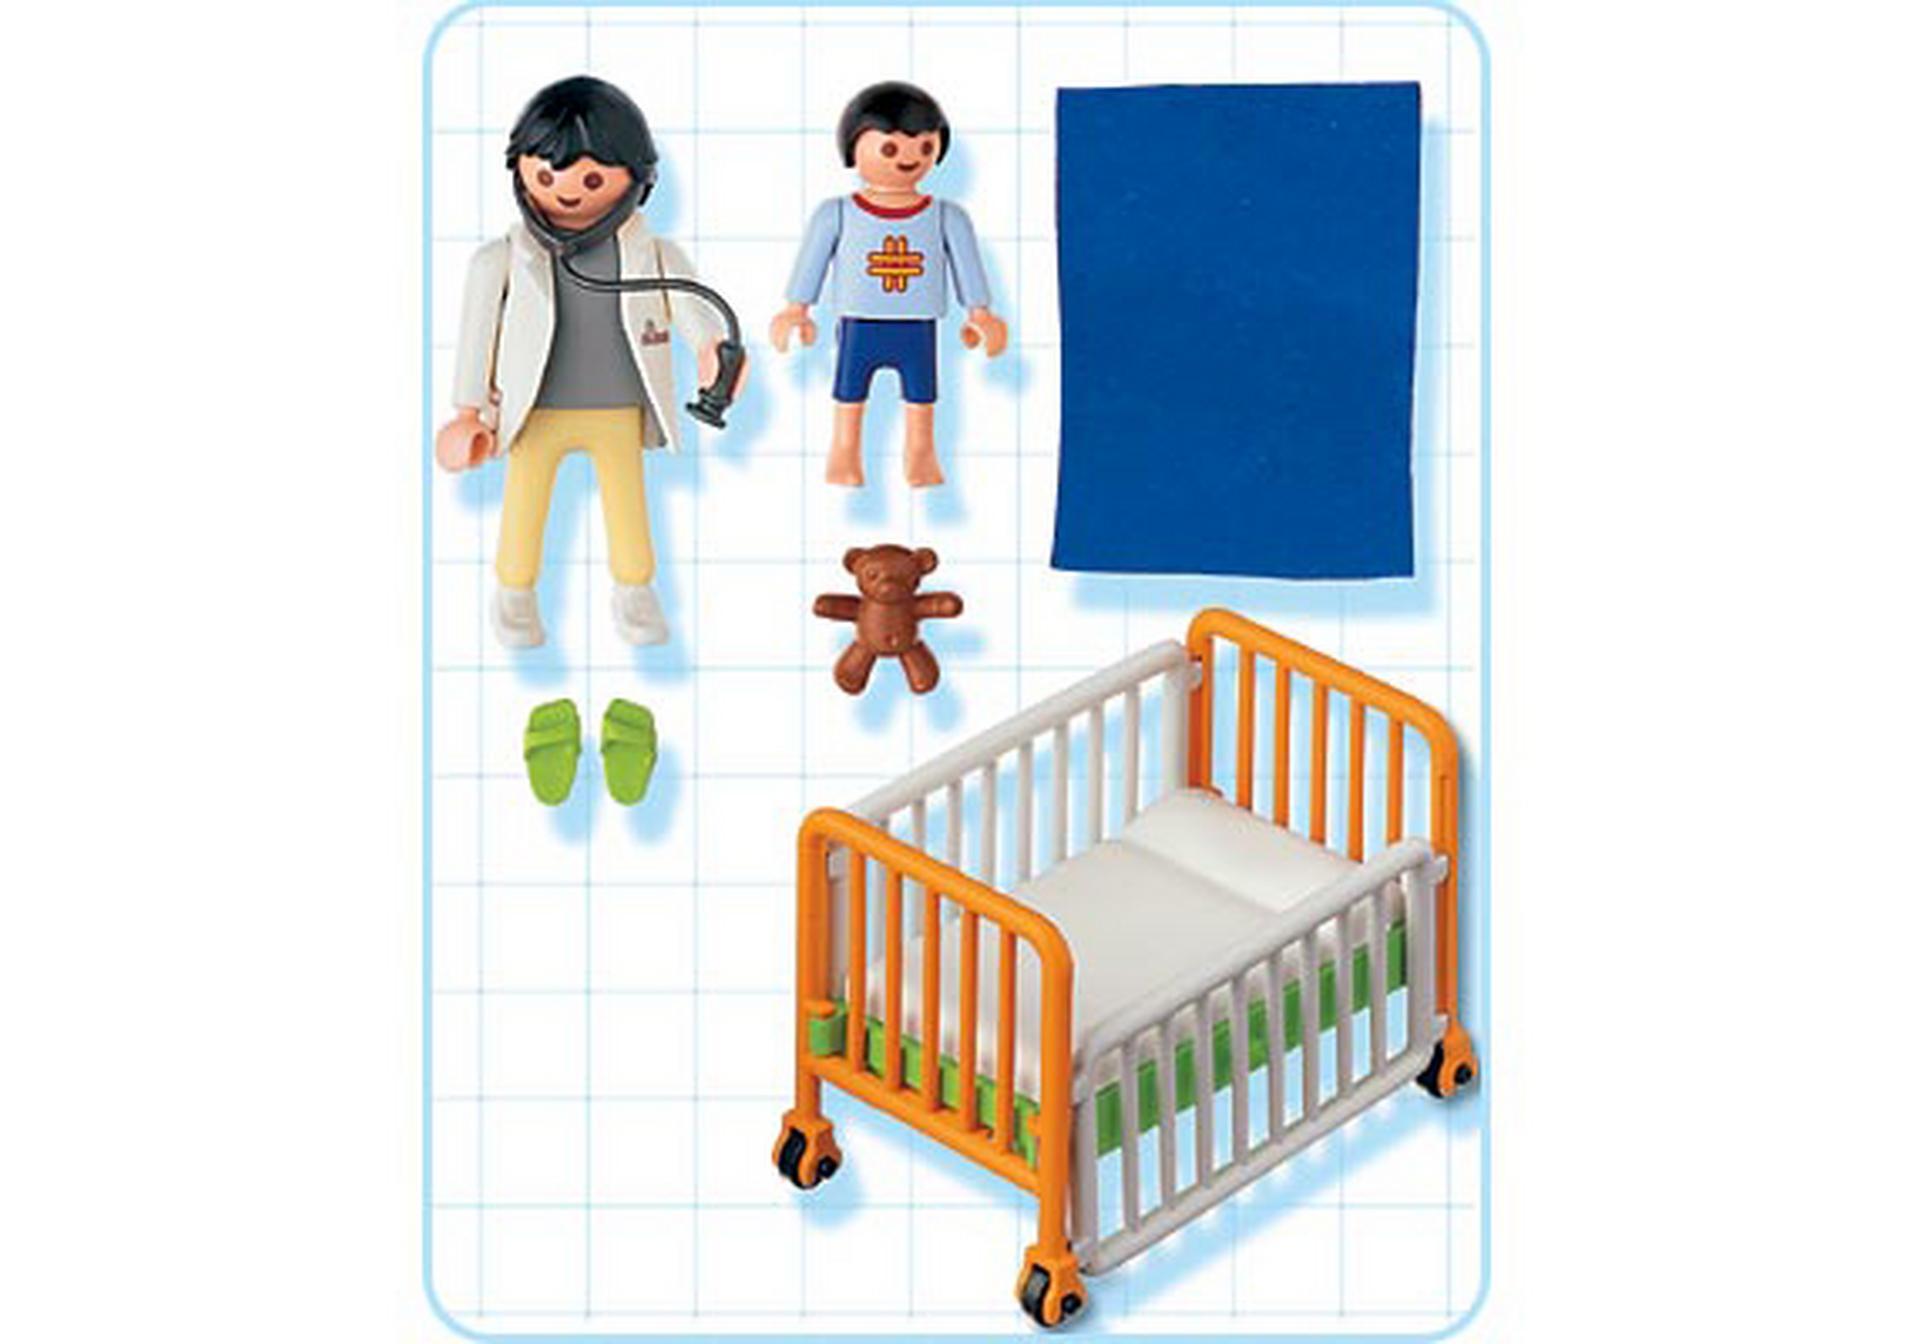 Kind im krankenbett 4406 a playmobil deutschland for Jugendzimmer playmobil